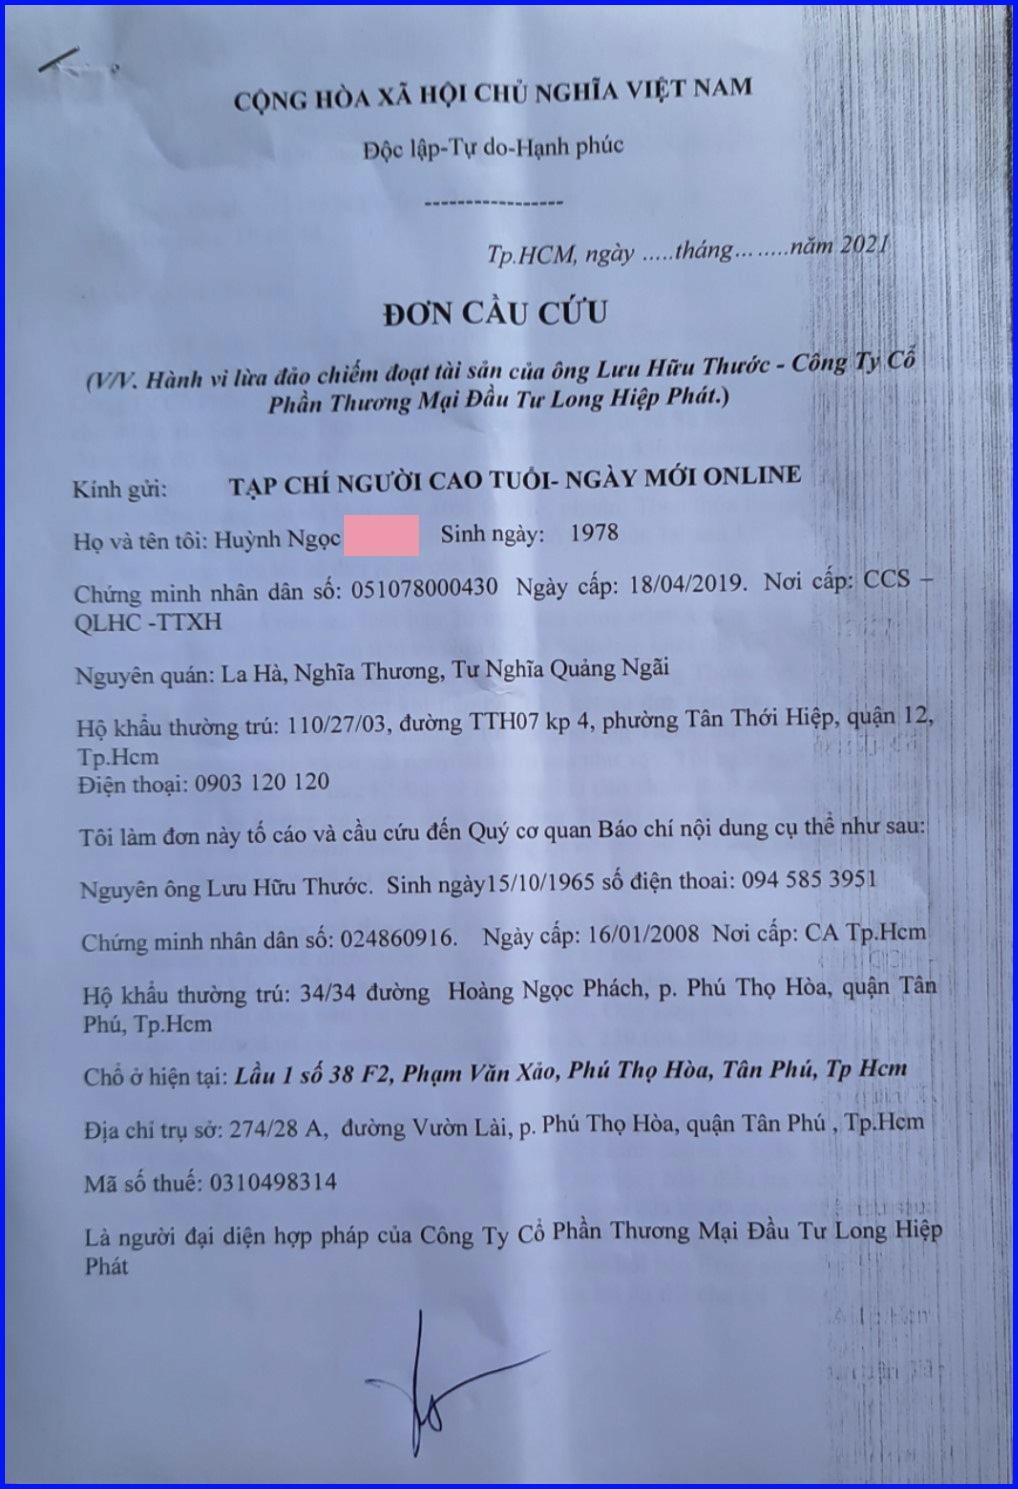 TP Hồ Chí Minh: Sao Công an quận Tân Phú không xử lý đơn tố cáo của công dân theo đúng quy định?